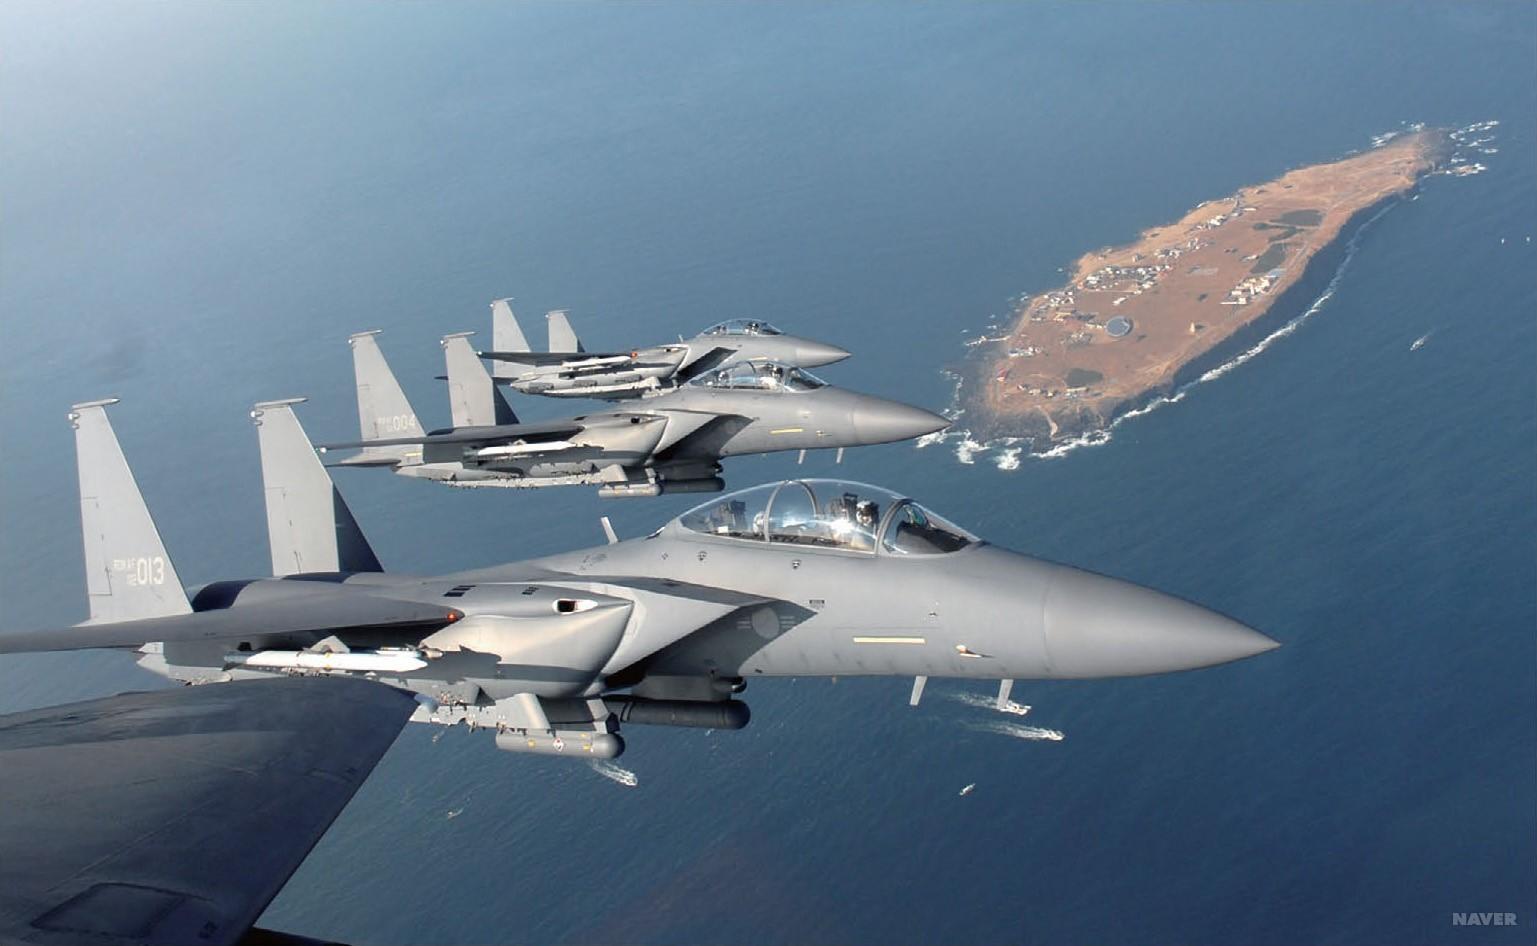 공군기상단, 솔리드이엔지와 기상수치예보체계 성능개선 완료